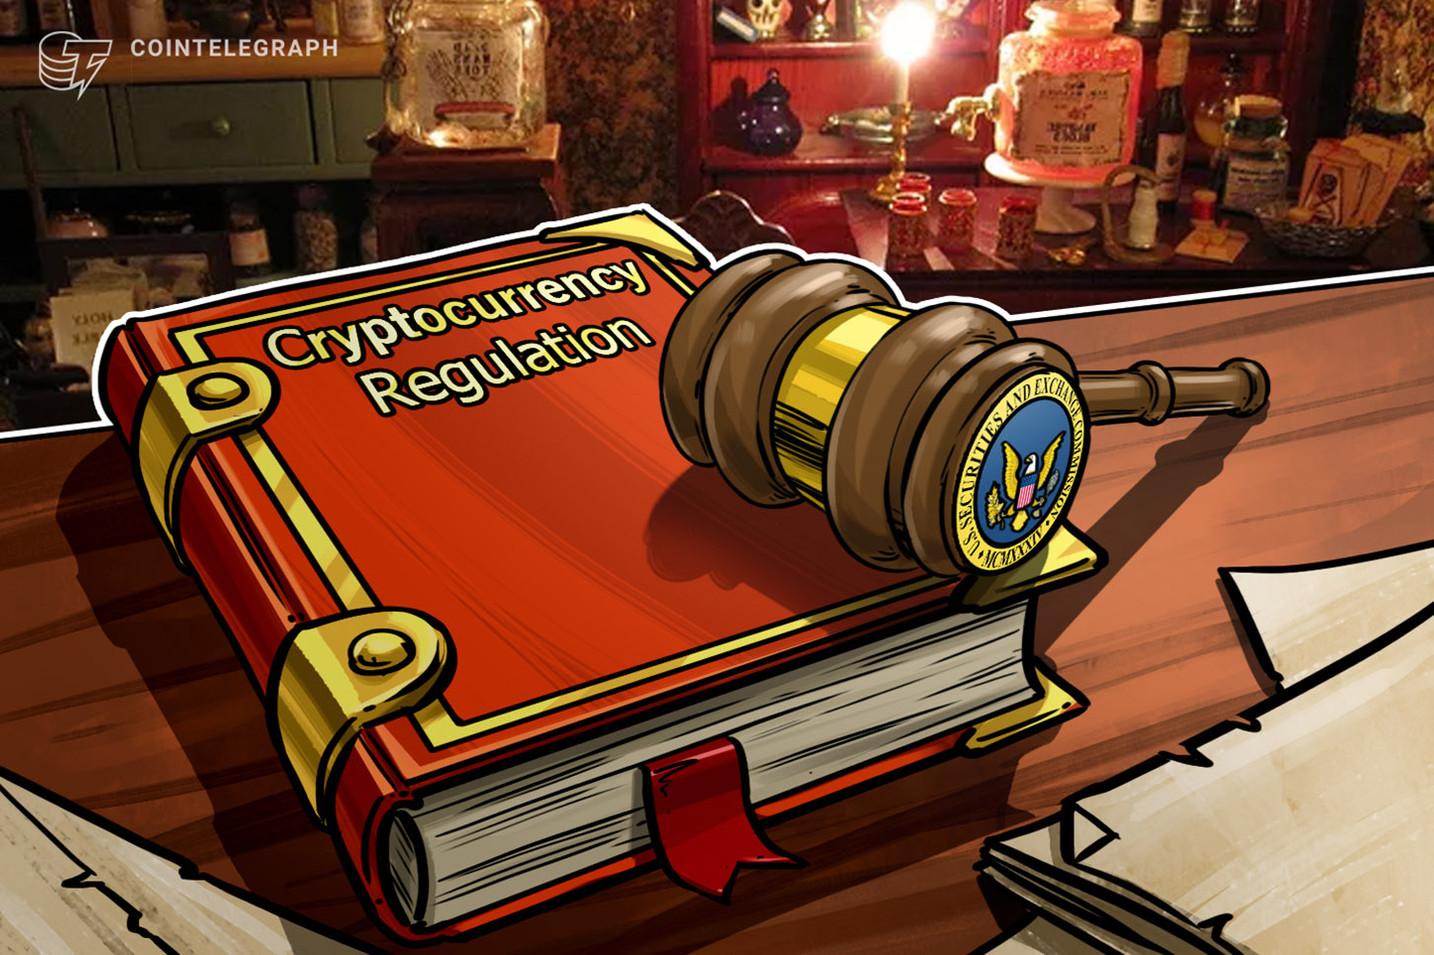 Börsenexperte: Begrenzte Umlaufmenge macht Bitcoin für Regierungen unbrauchbar